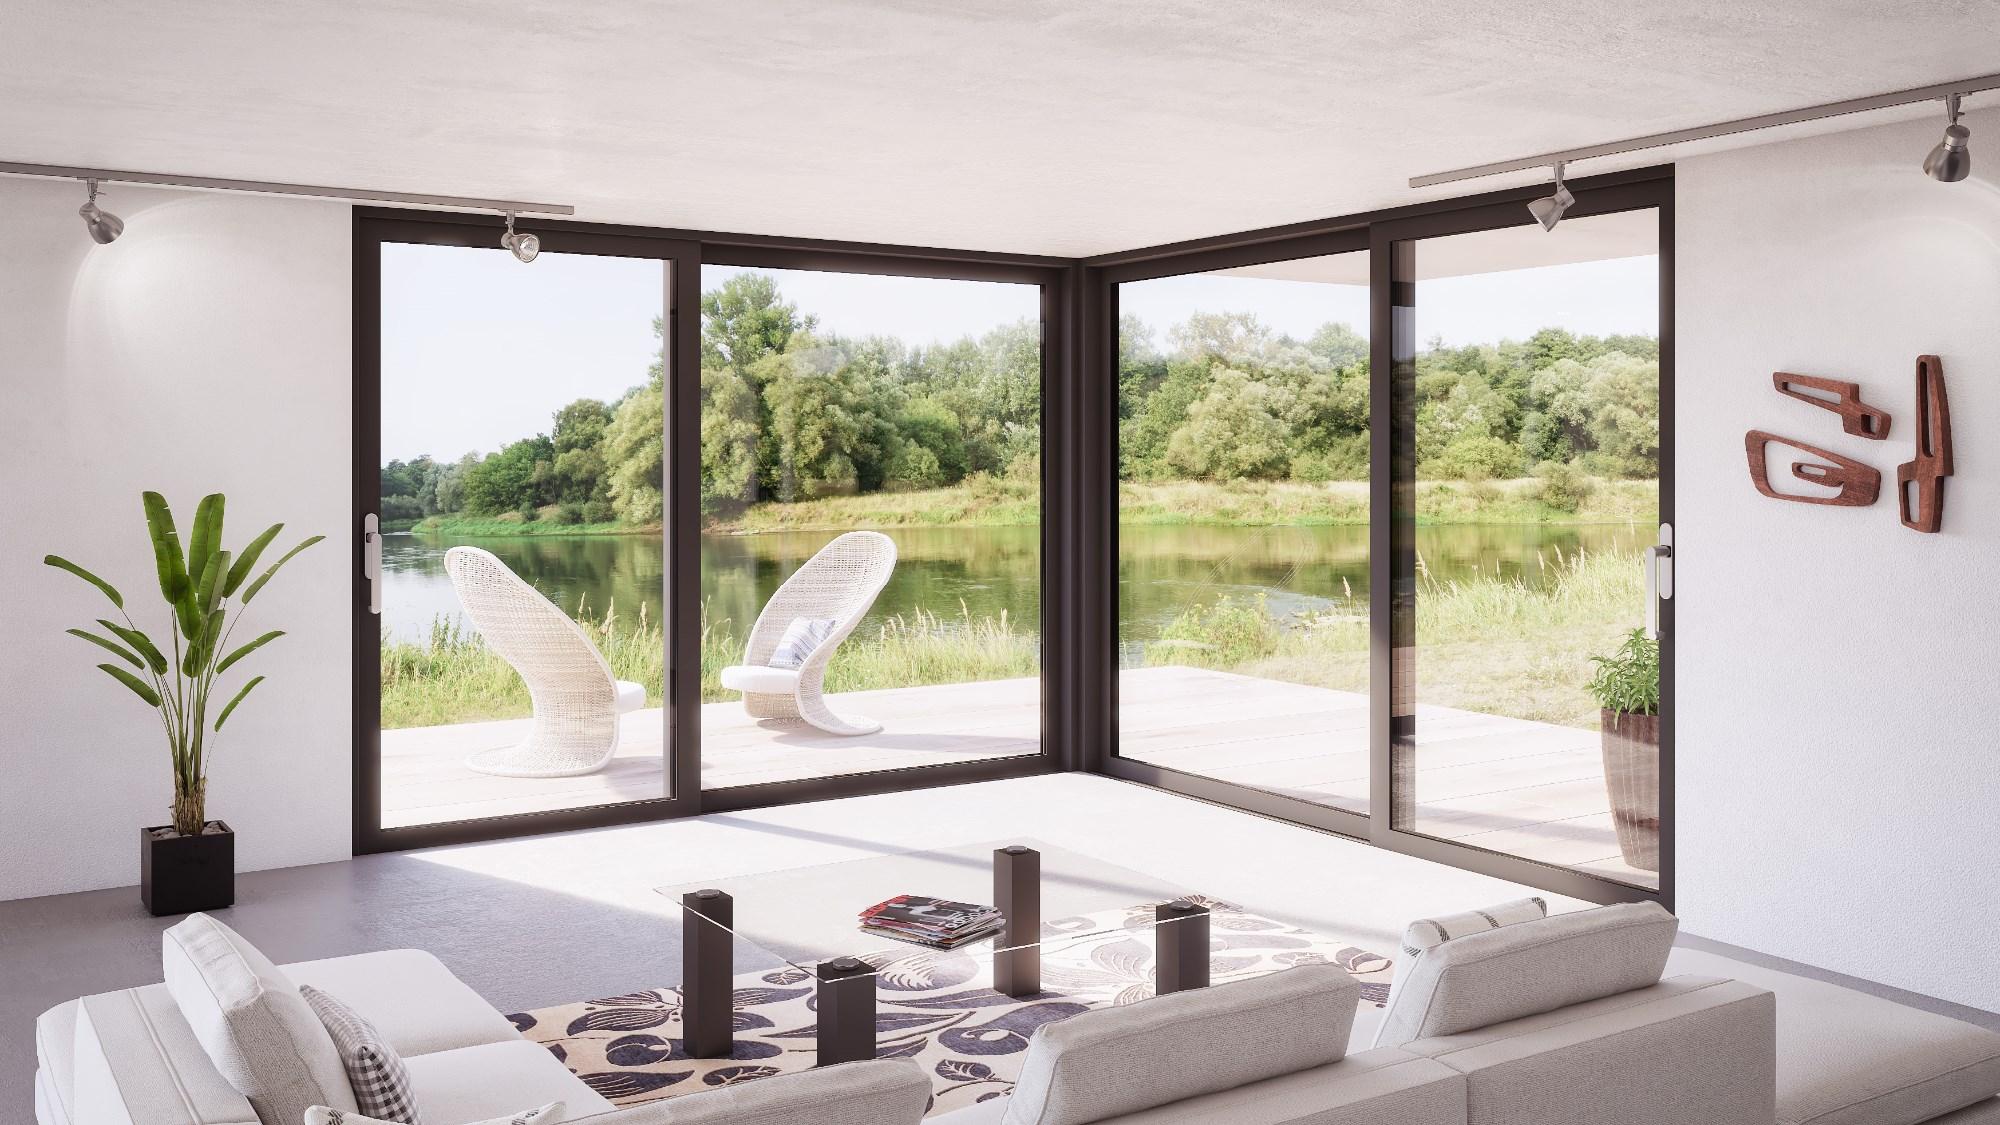 porovn n syst m hlin kov ch posuvn ch dve dafe plast. Black Bedroom Furniture Sets. Home Design Ideas